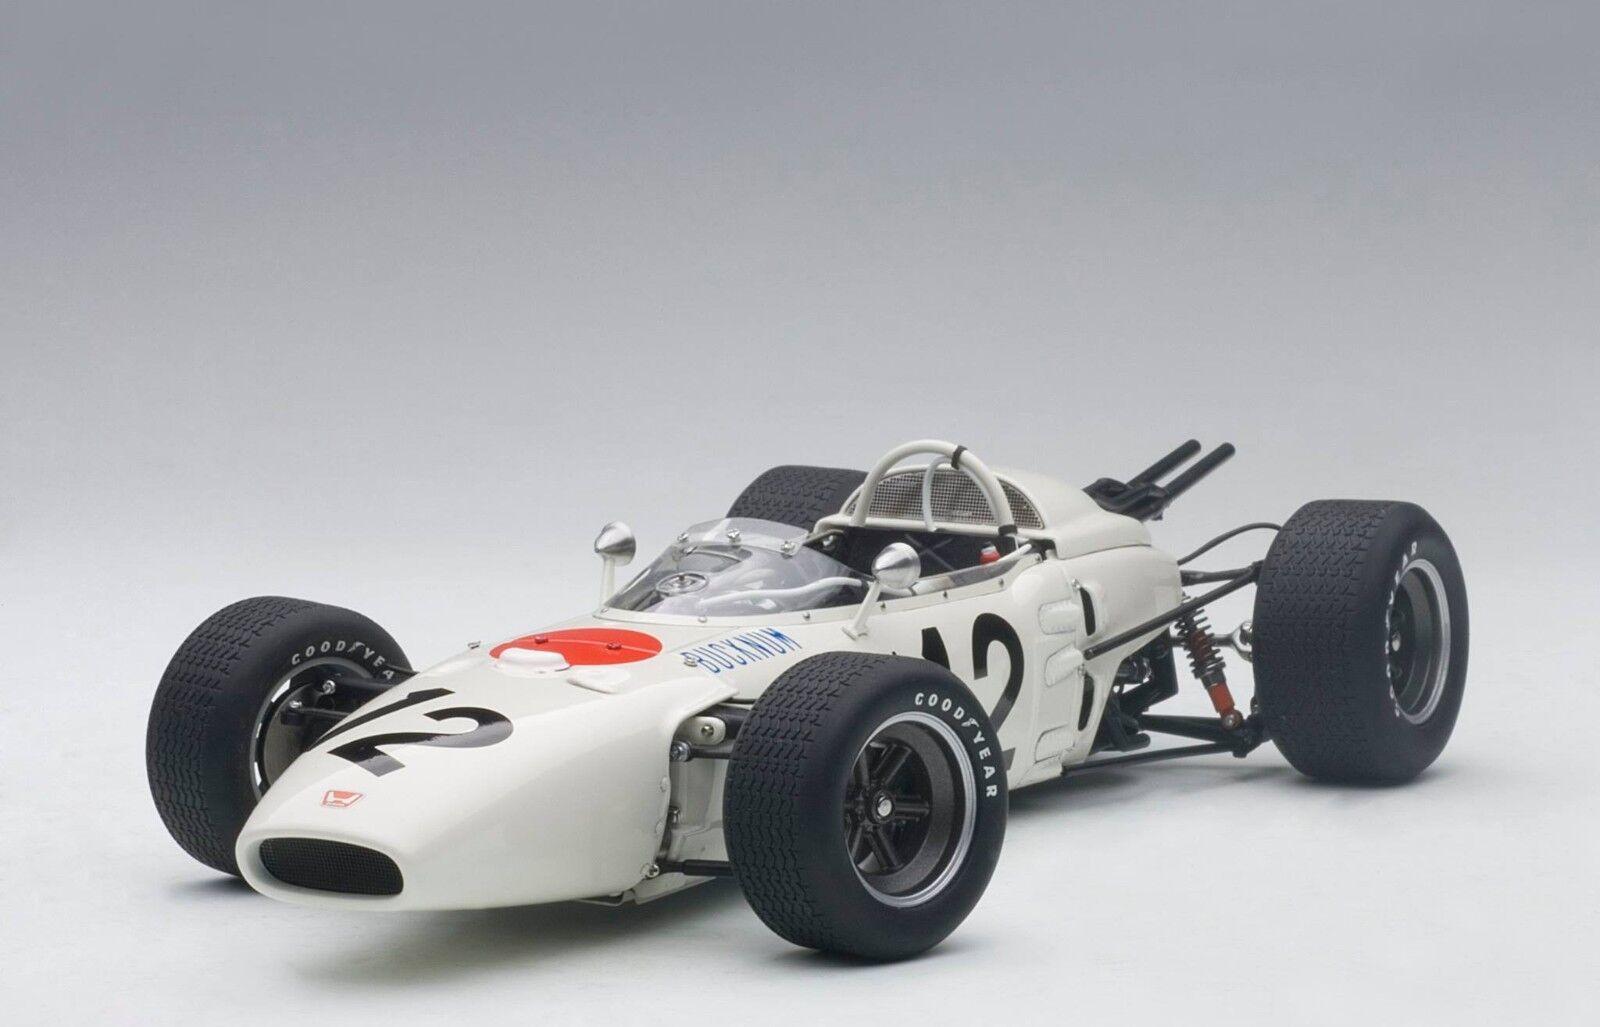 la calidad primero los consumidores primero Autoart Honda RA272 F1 Gran Premio Mexico 1965 Ronnie Ronnie Ronnie Bucknum 12 0.1cm Stock  orden en línea